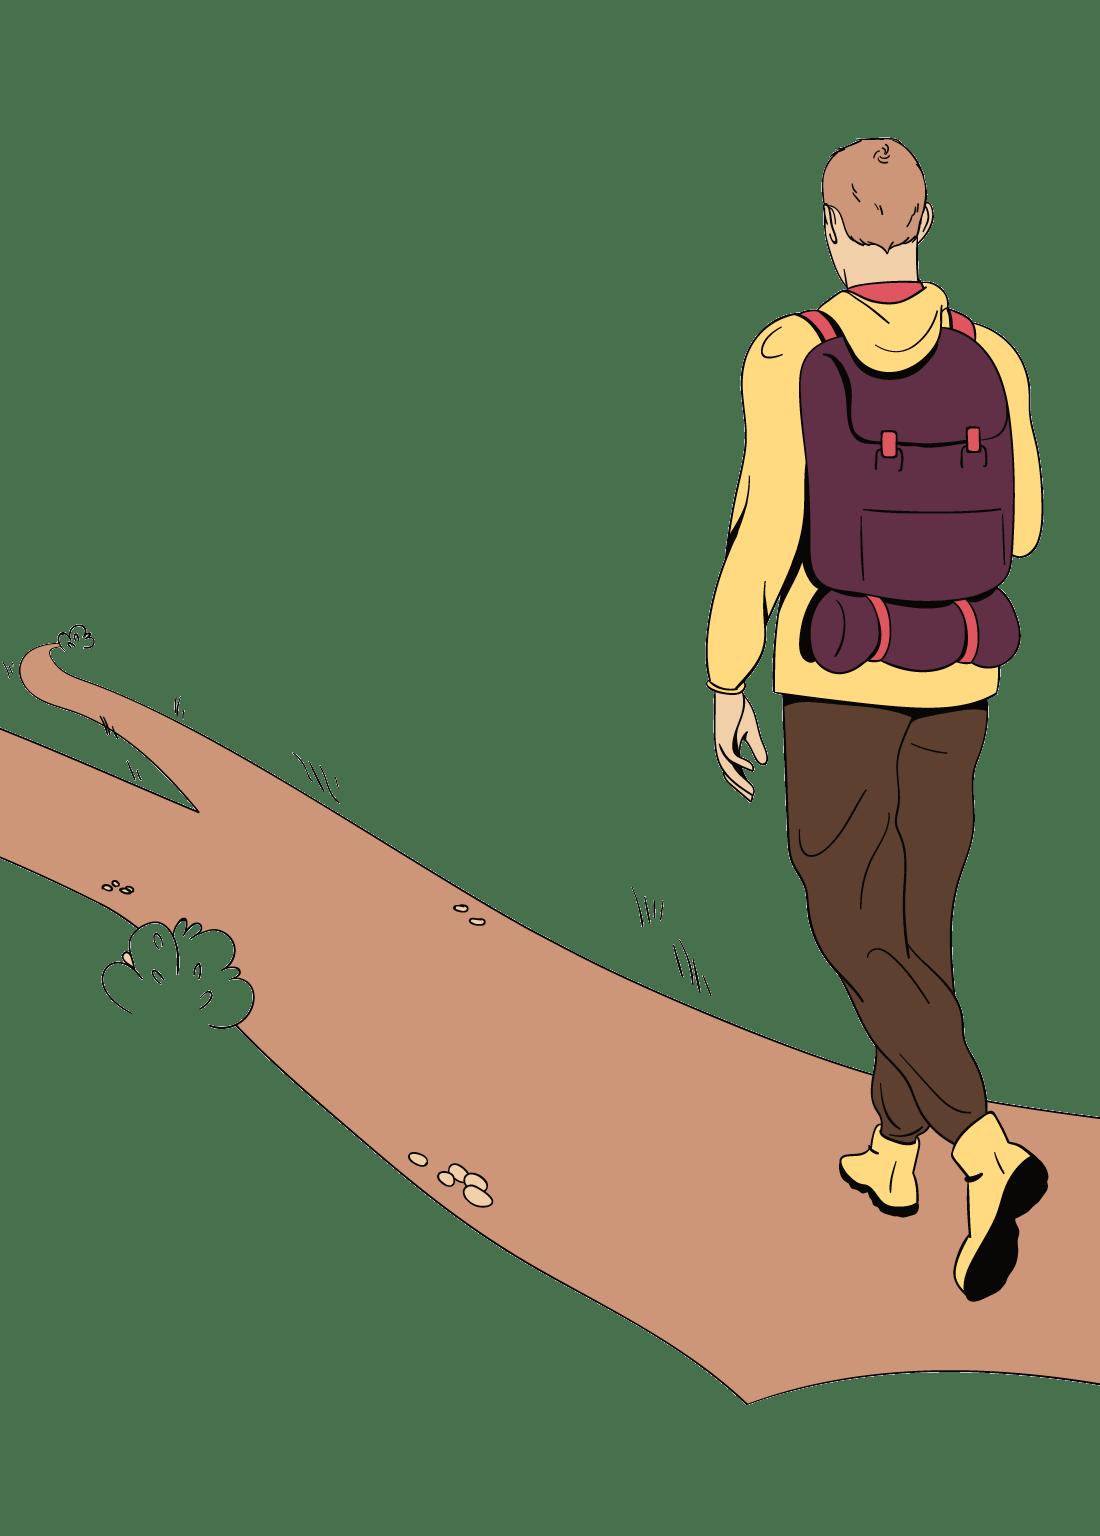 Een man heeft plotseling een nieuwe hobby gekregen, hij gaat bijvoorbeeld wandelen.